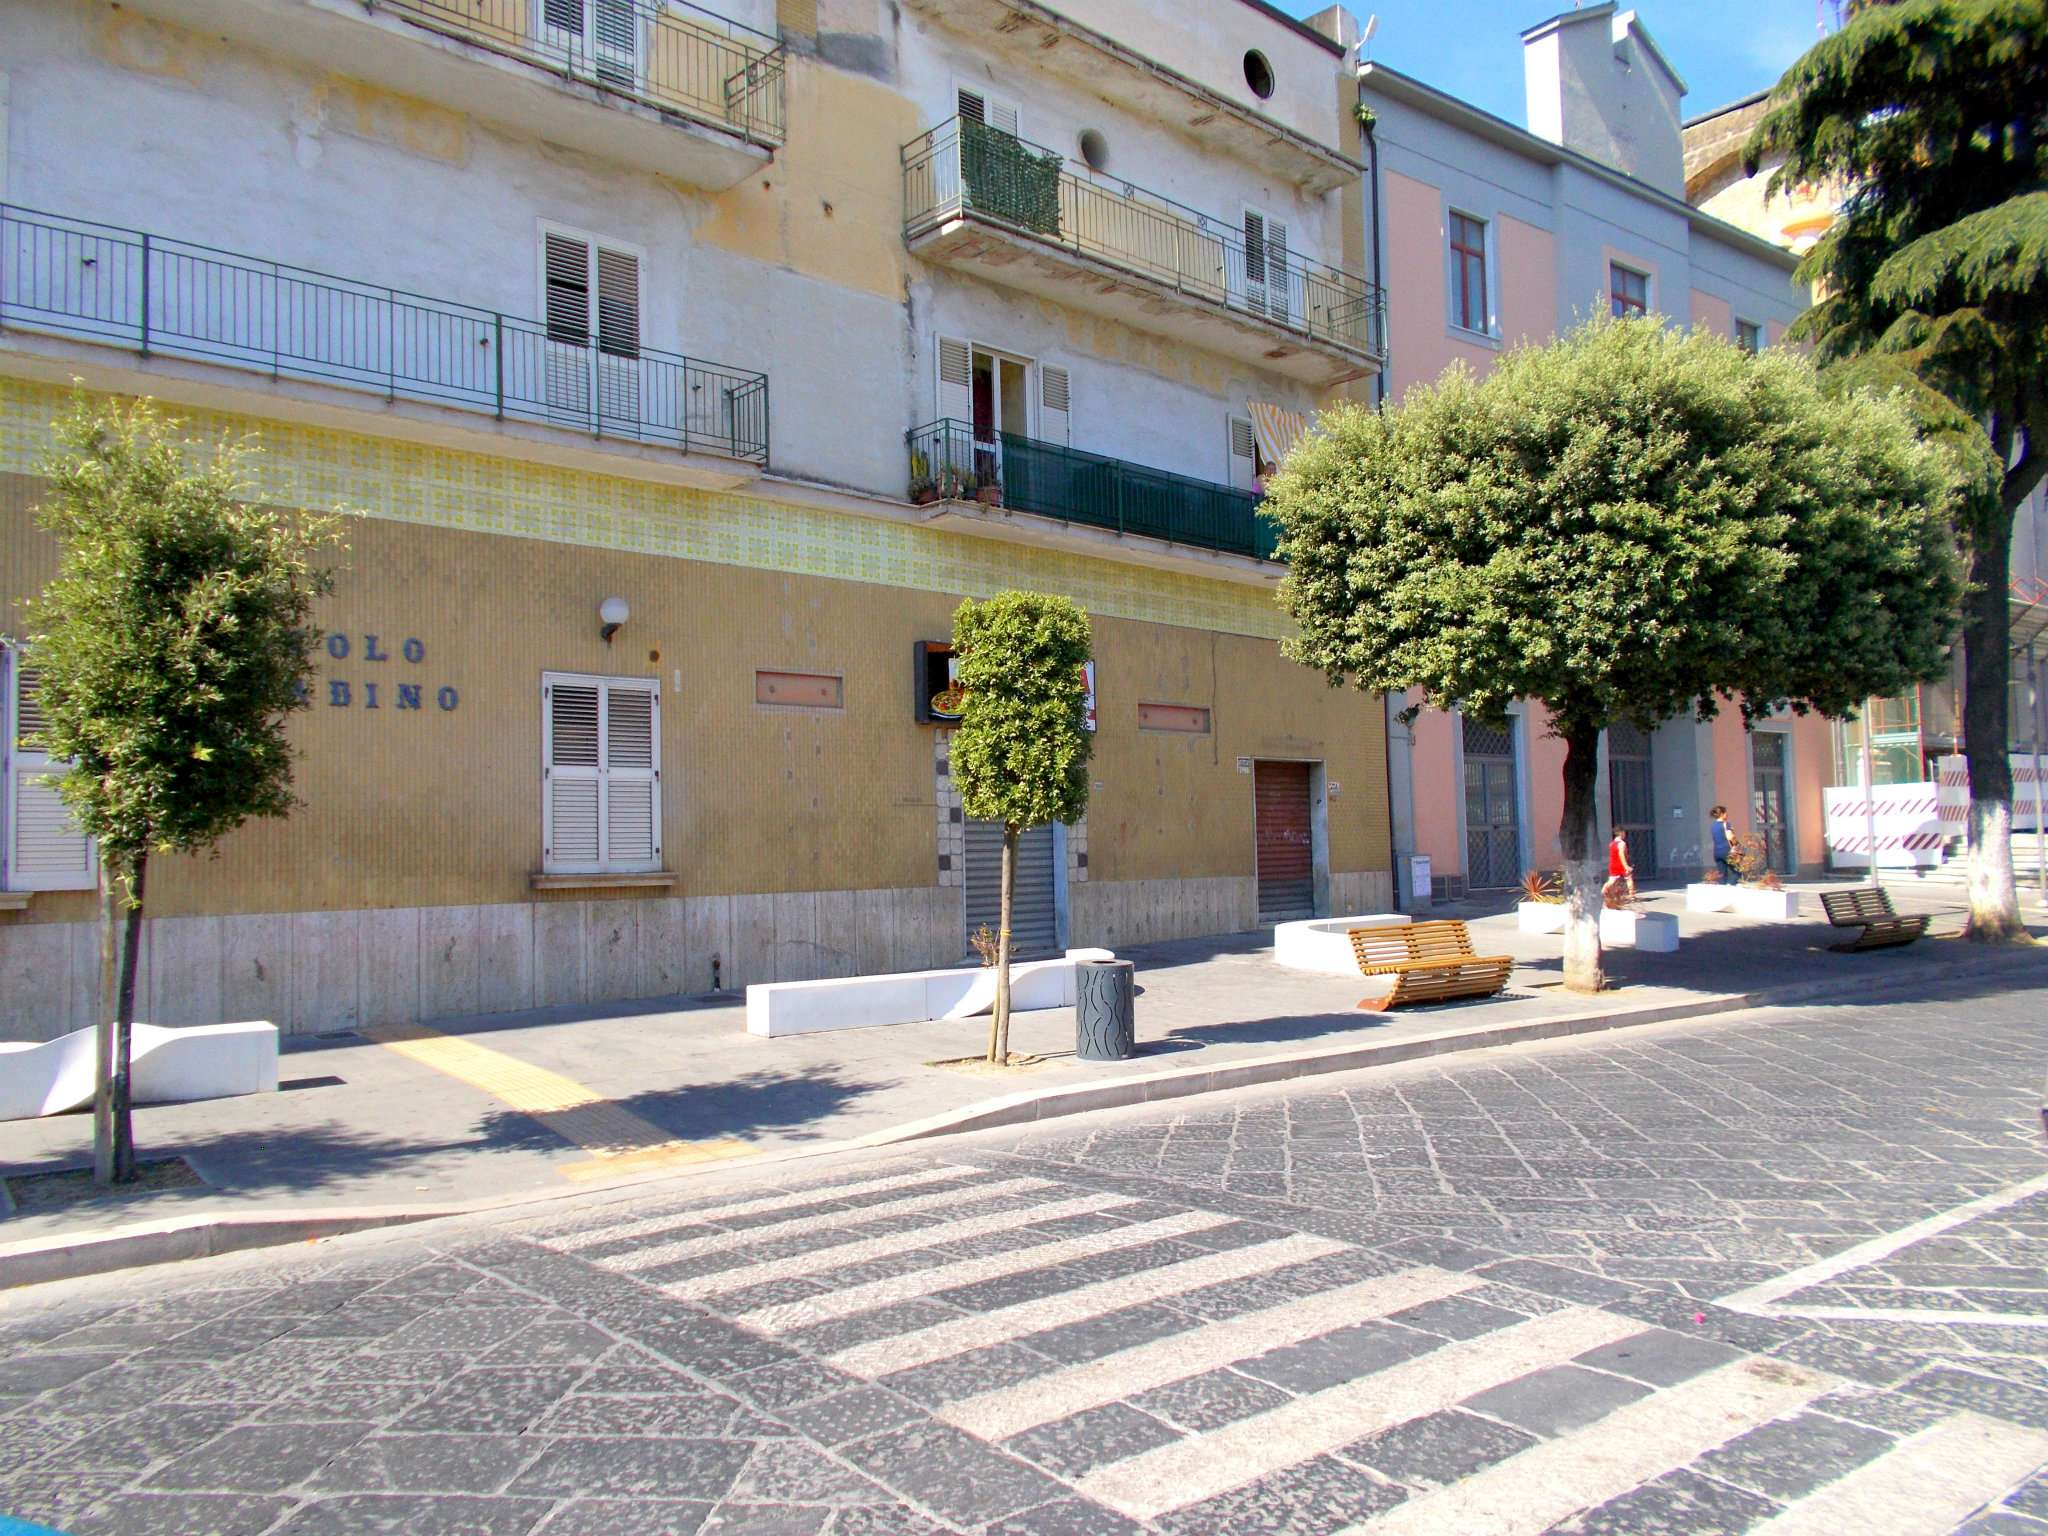 Negozio / Locale in affitto a Santa Maria a Vico, 1 locali, prezzo € 330 | CambioCasa.it